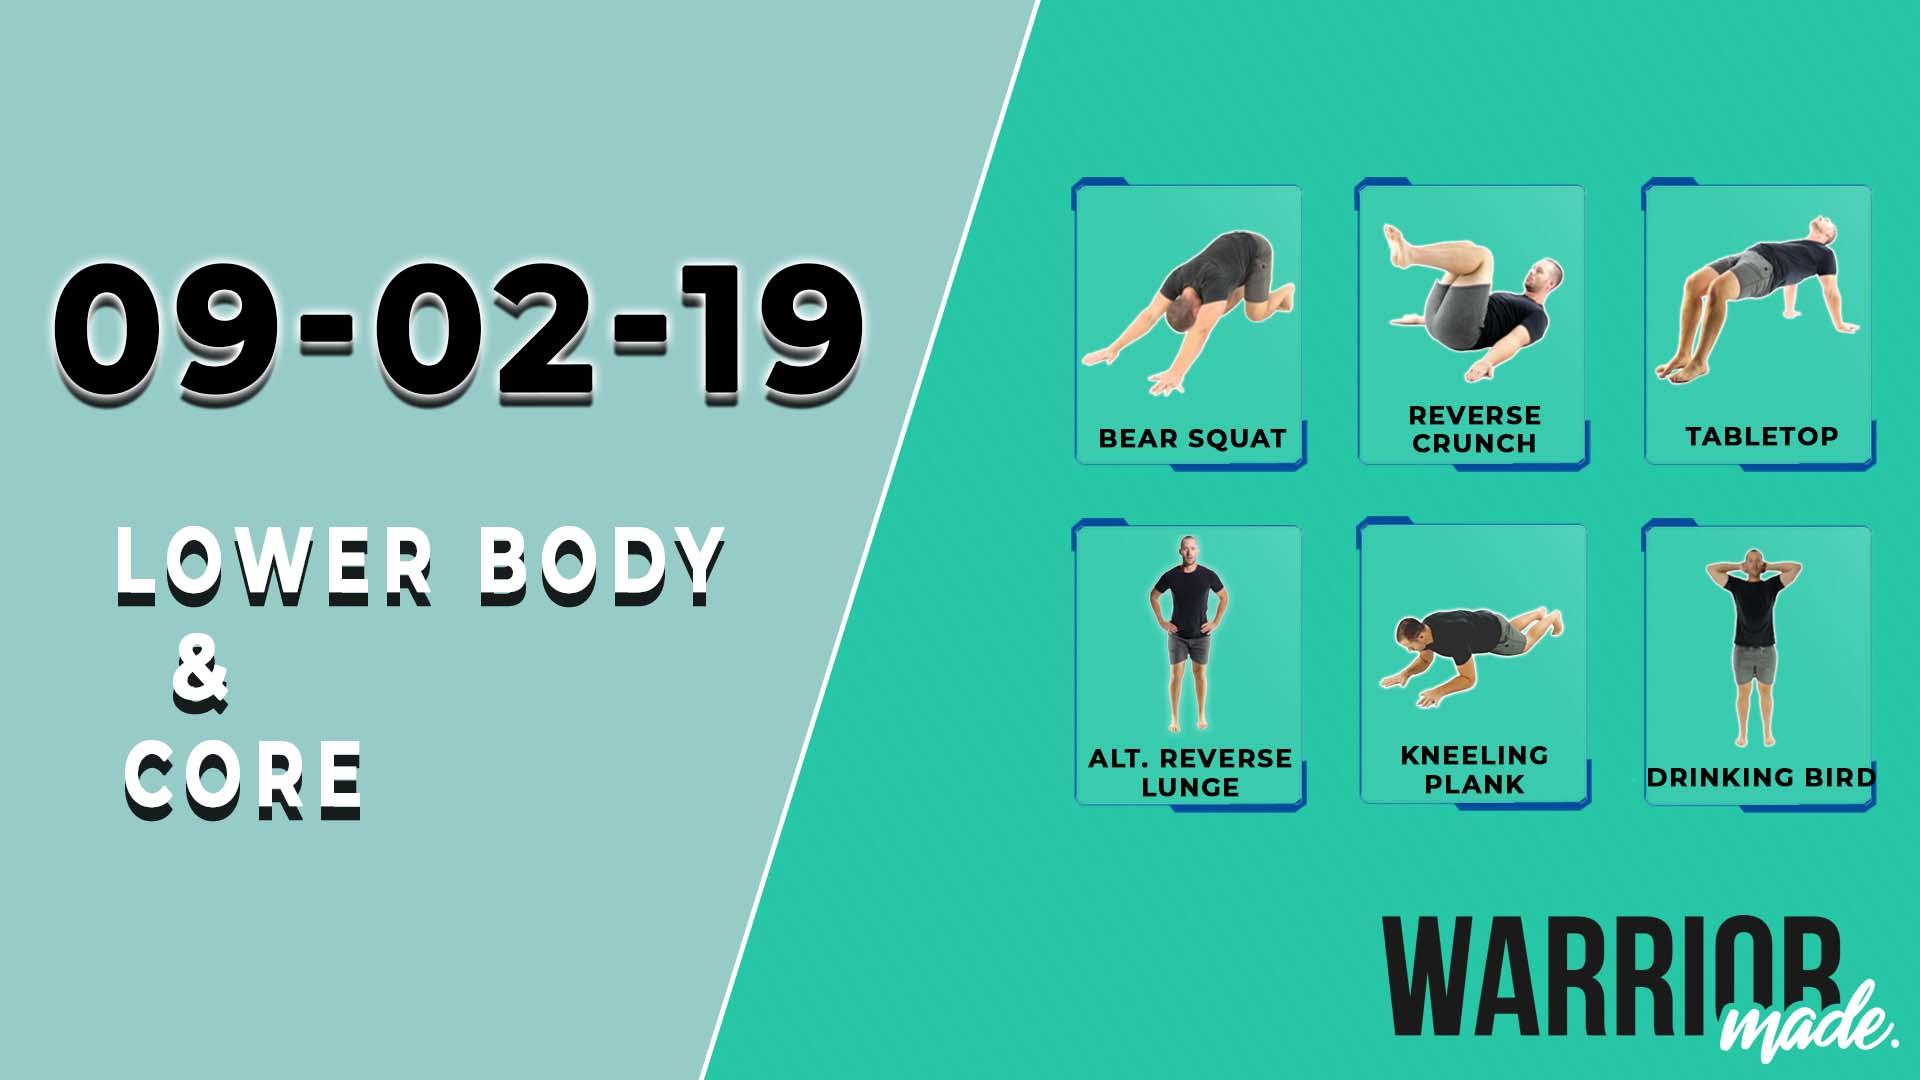 workouts-09-02-19